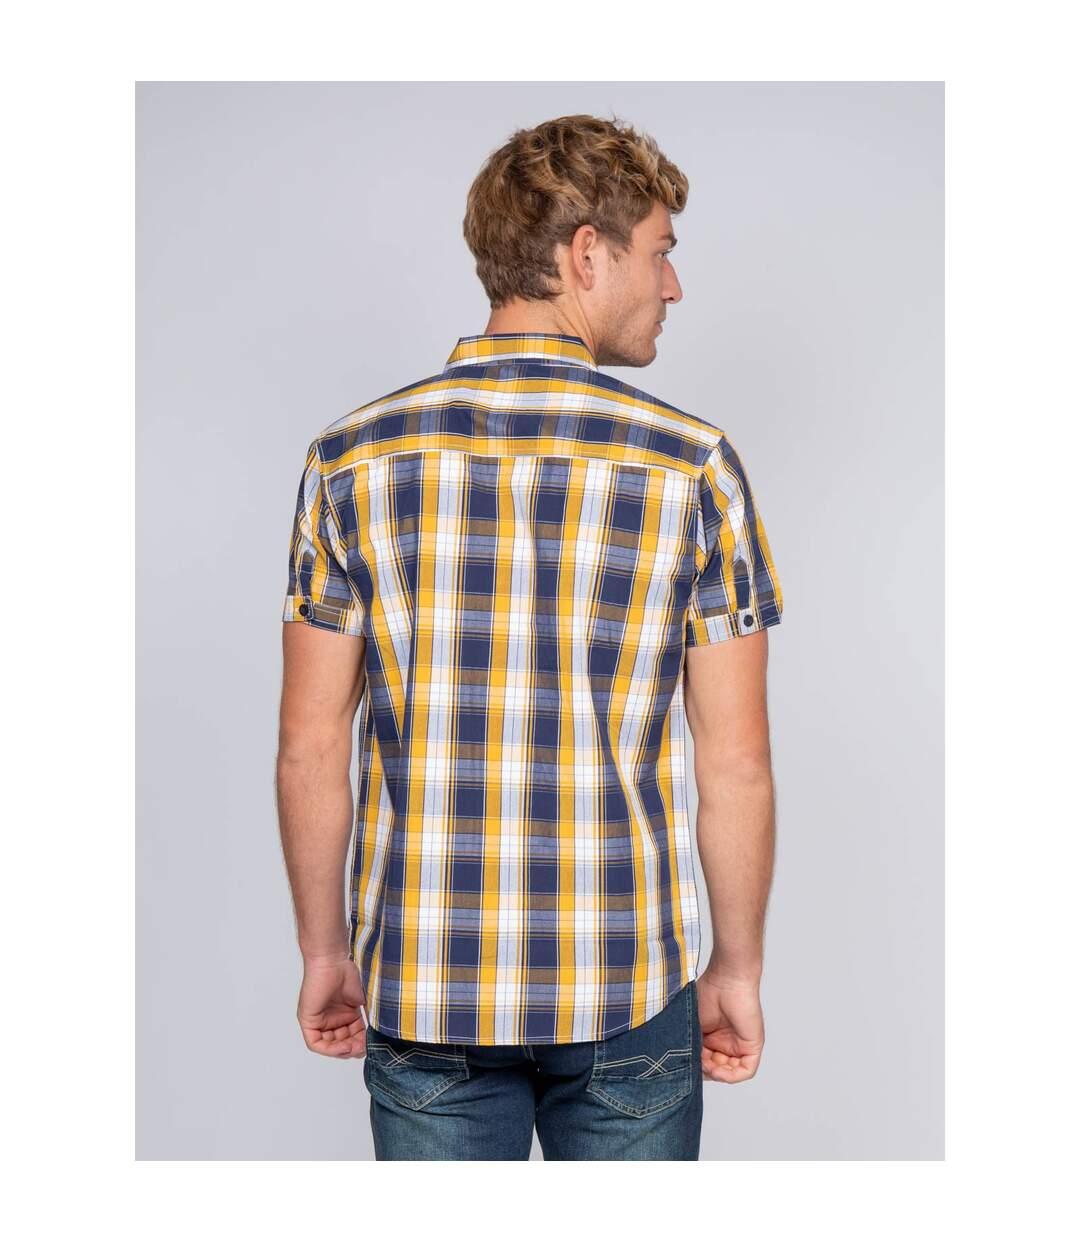 Chemise manches courtes carreaux DELLOW - RITCHIE